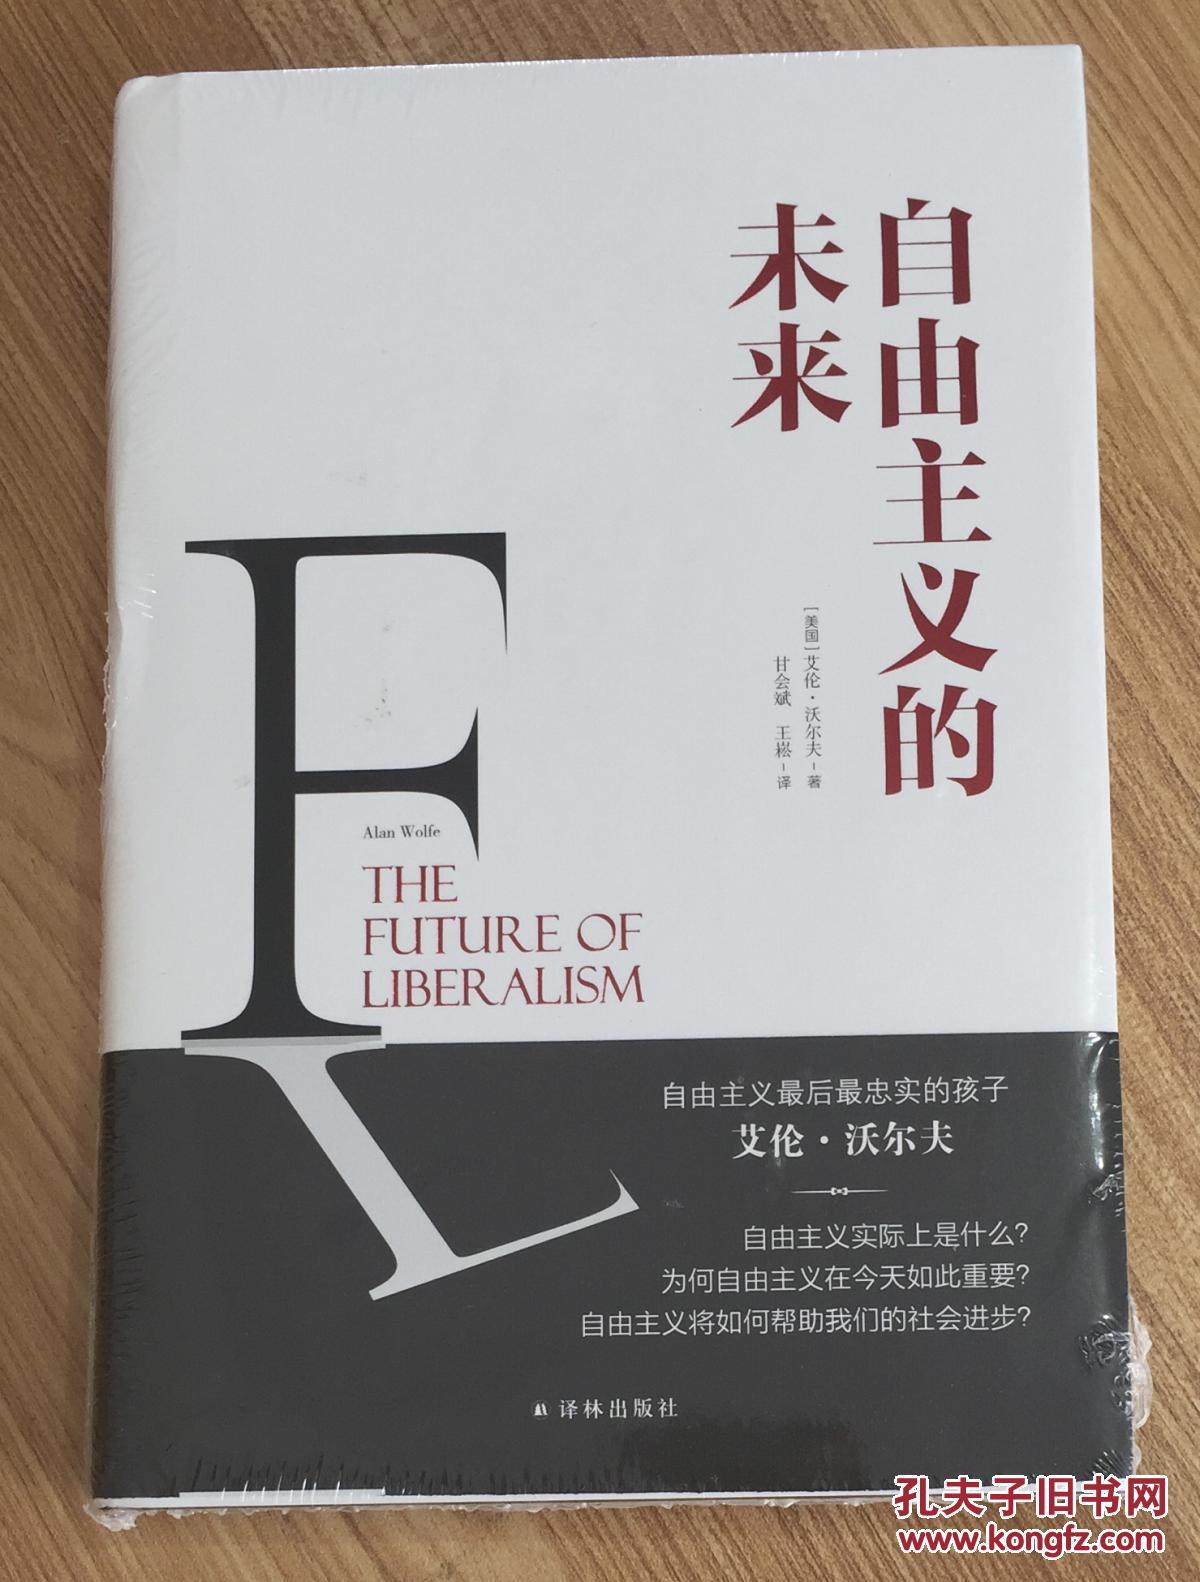 自由主义的未来